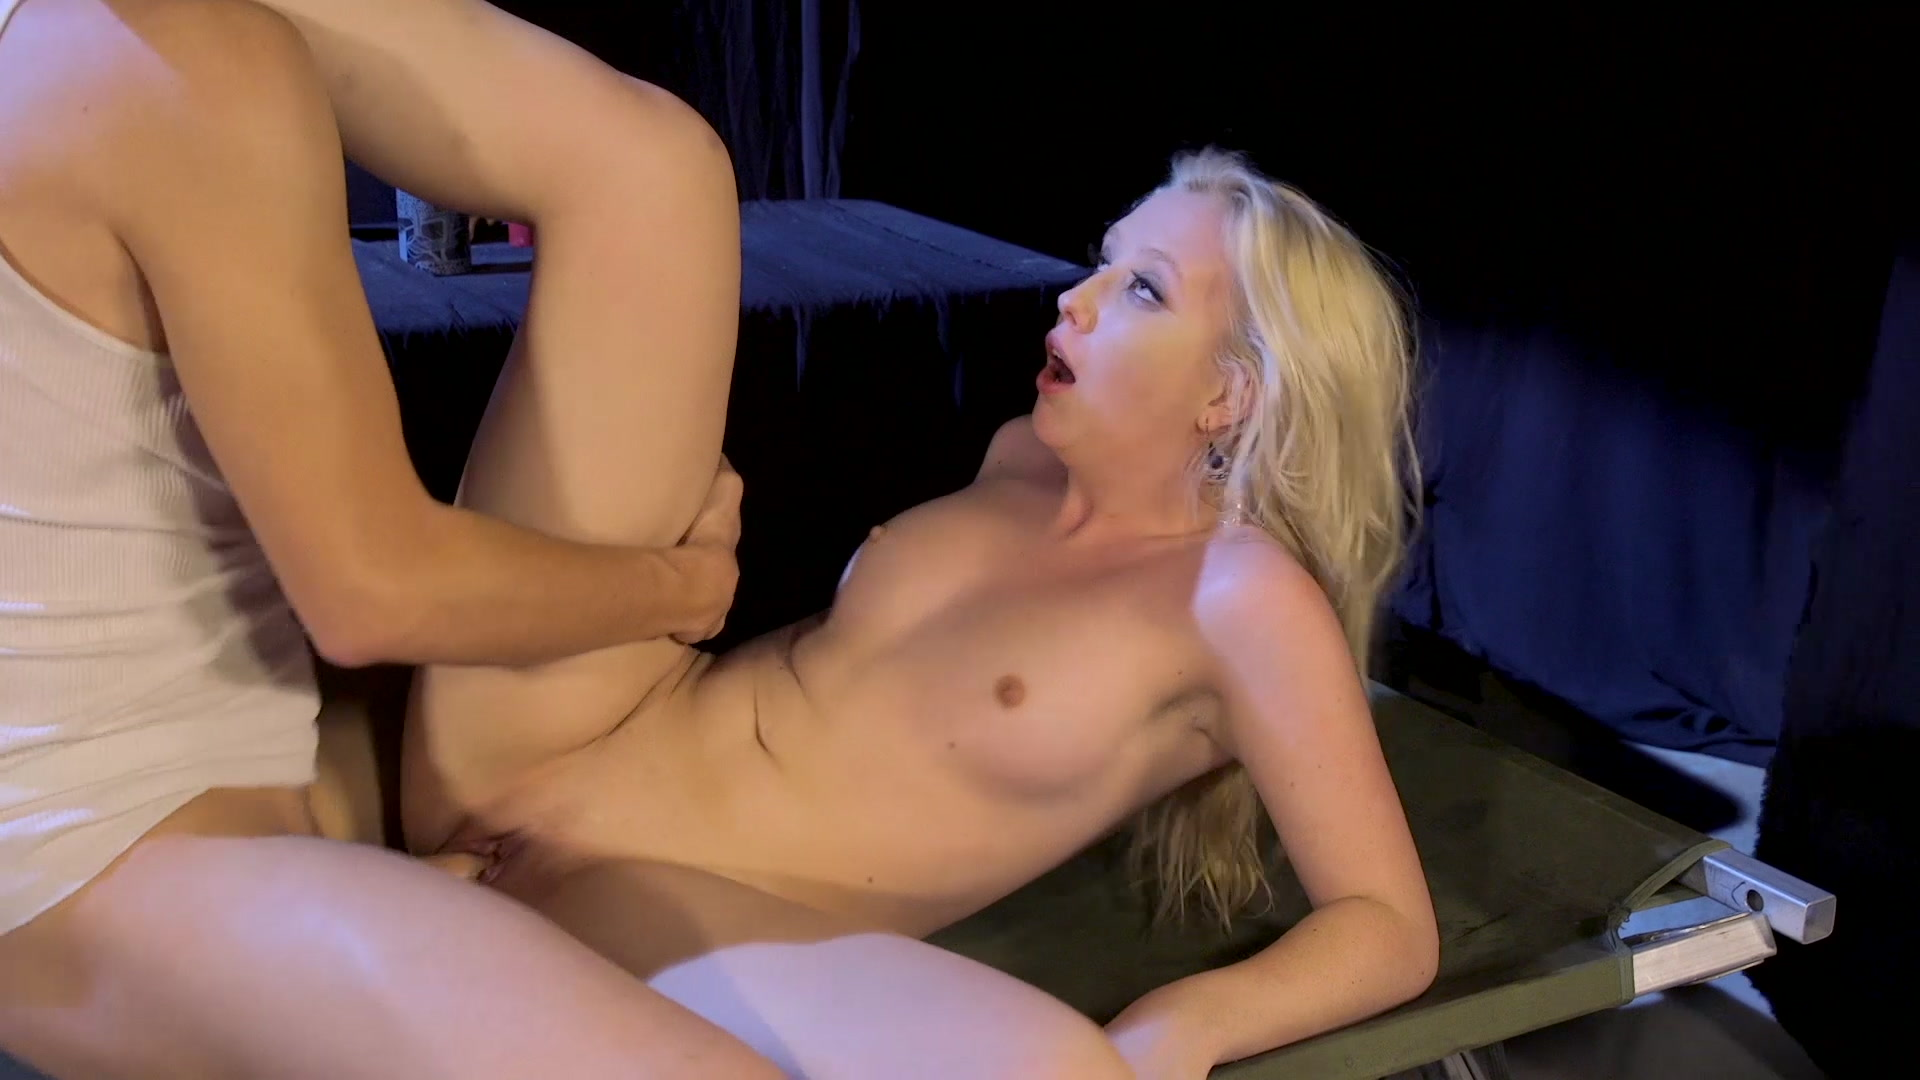 Young Blonde Babe Samantha Rone Fucks Stud Richie Calhoun and Sucks His Cock Starring: Richie Calhoun Samantha Rone Length: 28 min